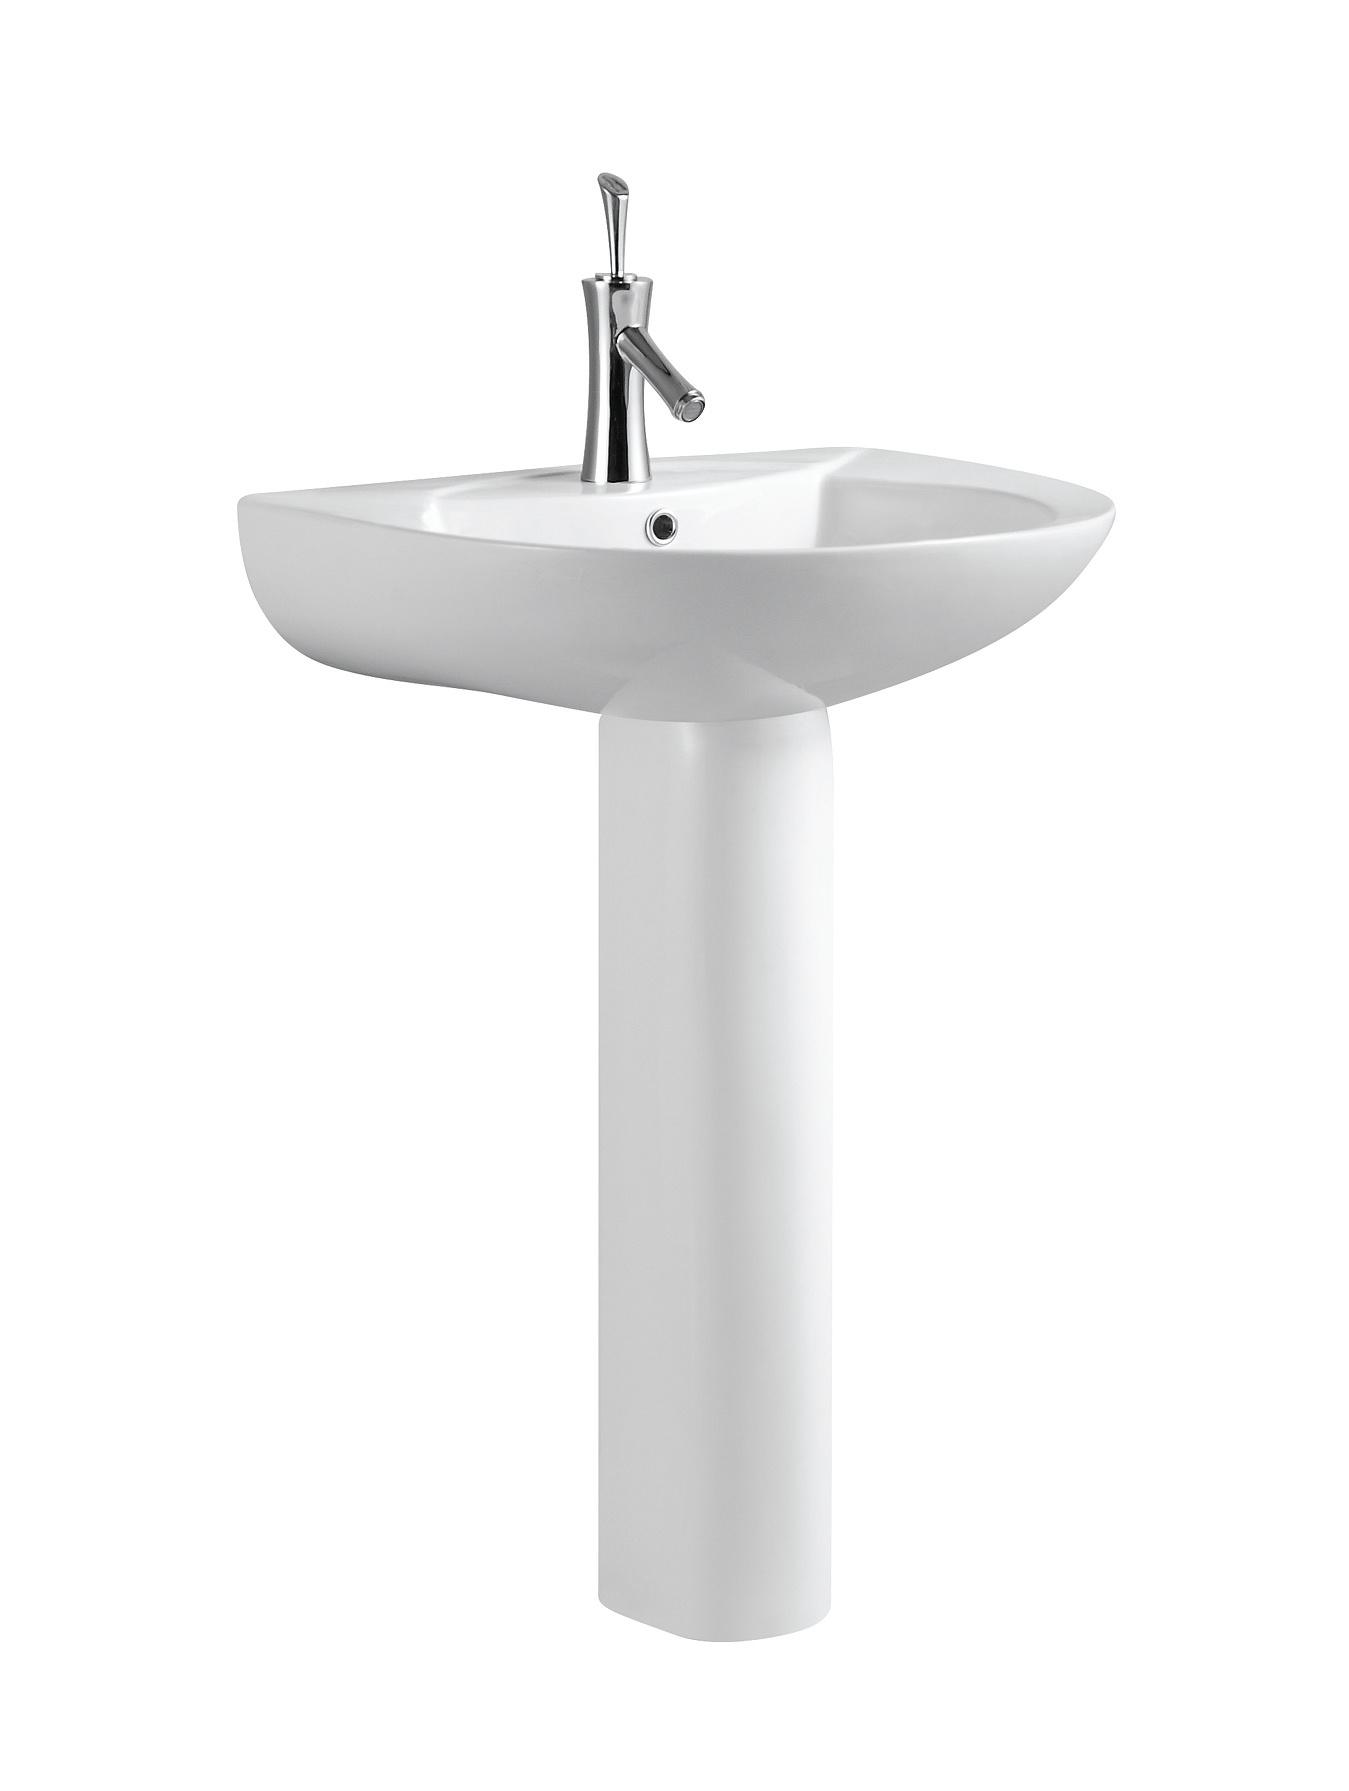 Pedestal Hand Basin : Wash Hand Basin With Pedestal C11067 - China Toilet Basin, Wash Basin